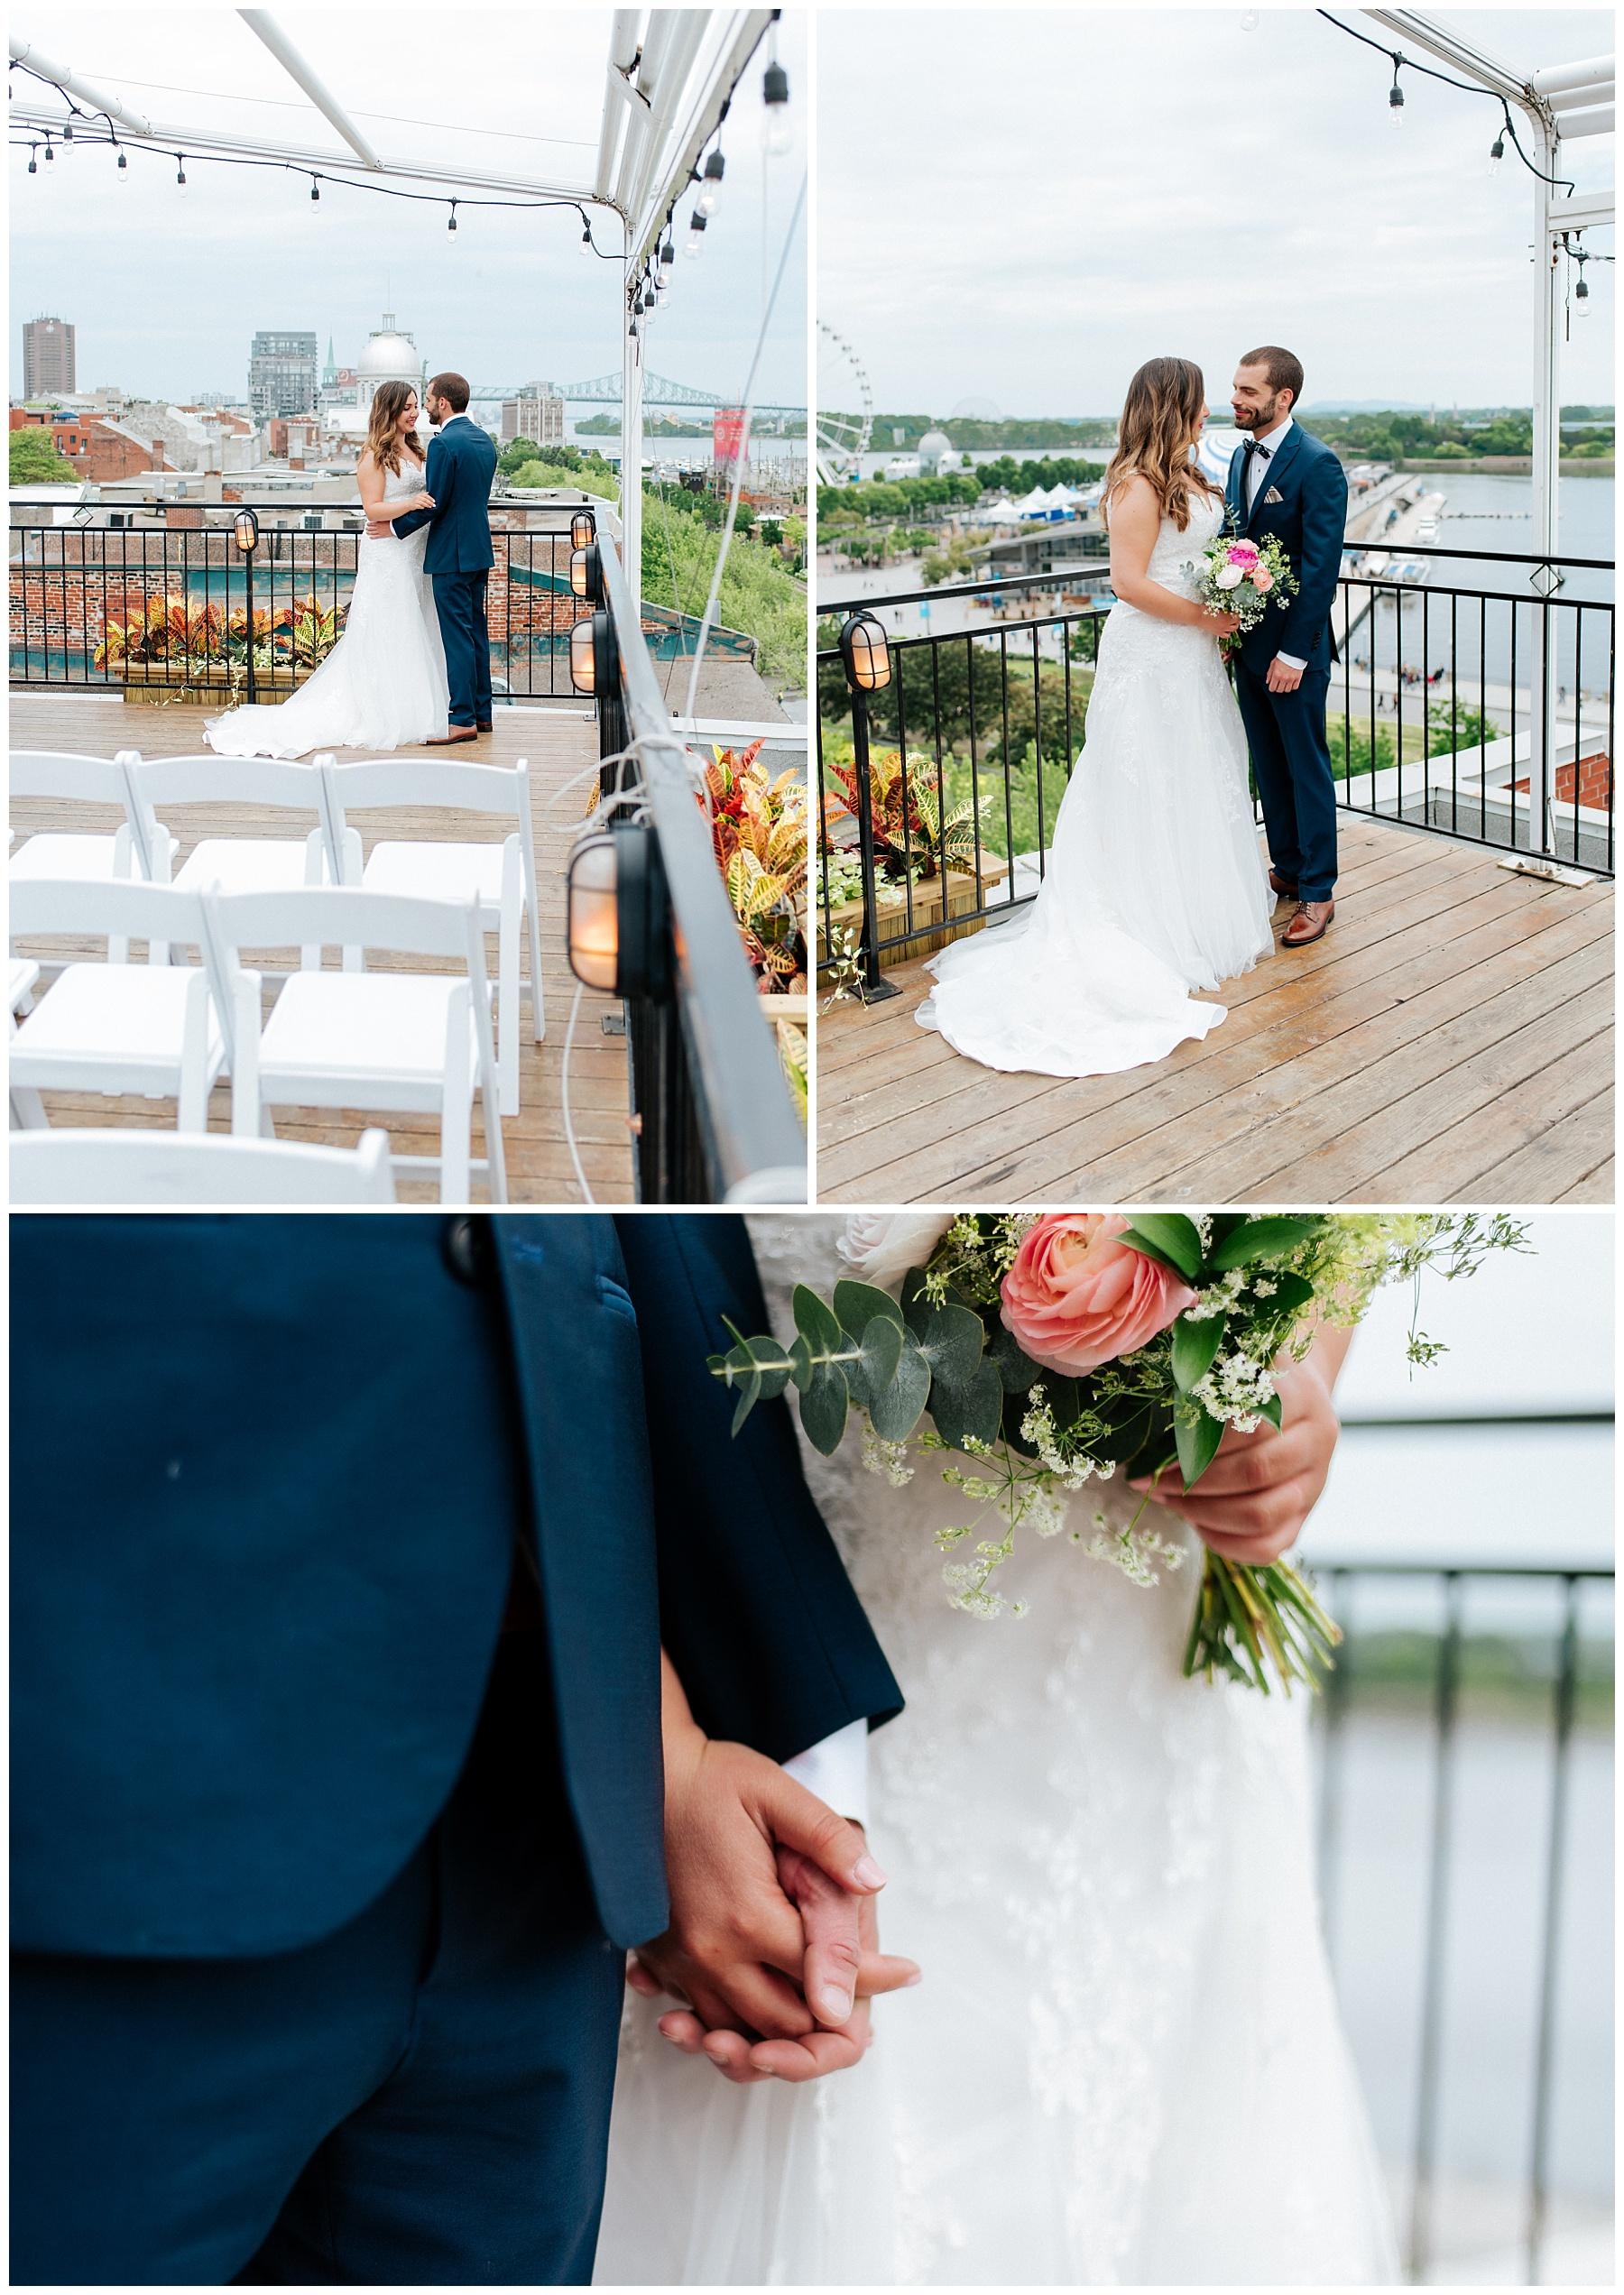 Le couple est heureux et exciter pour leur mariage. Il se tiennent la main en se regardant dans les yeux alors que l'on voit les monuments iconique de la ville de Montréal en arrière plan.